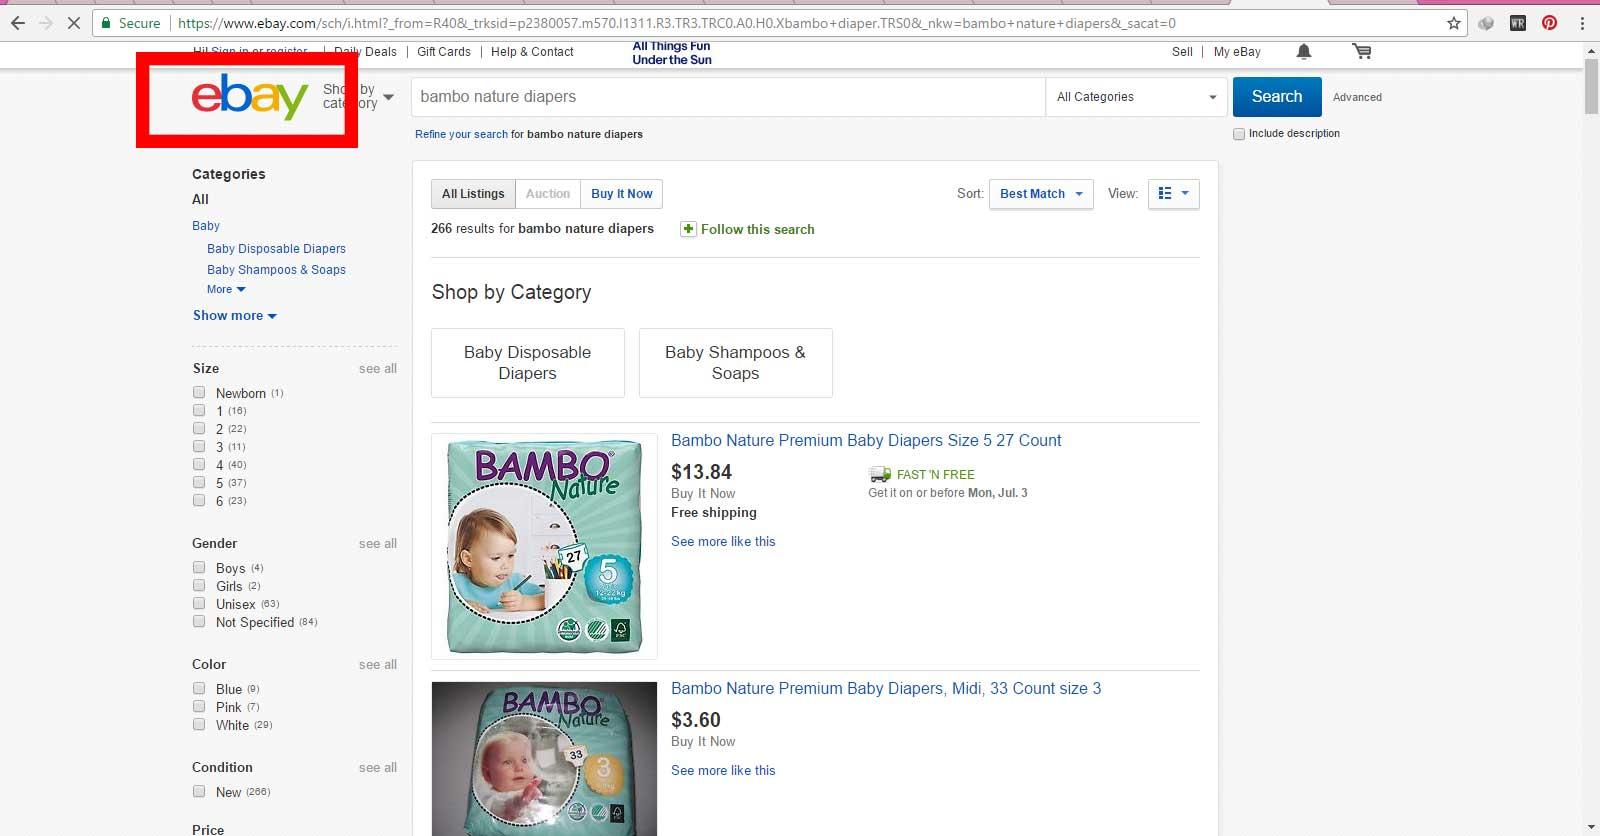 فروش پوشک بچه بامبو ساخت کشور دانمارک در سایت اینترنتی ایبی